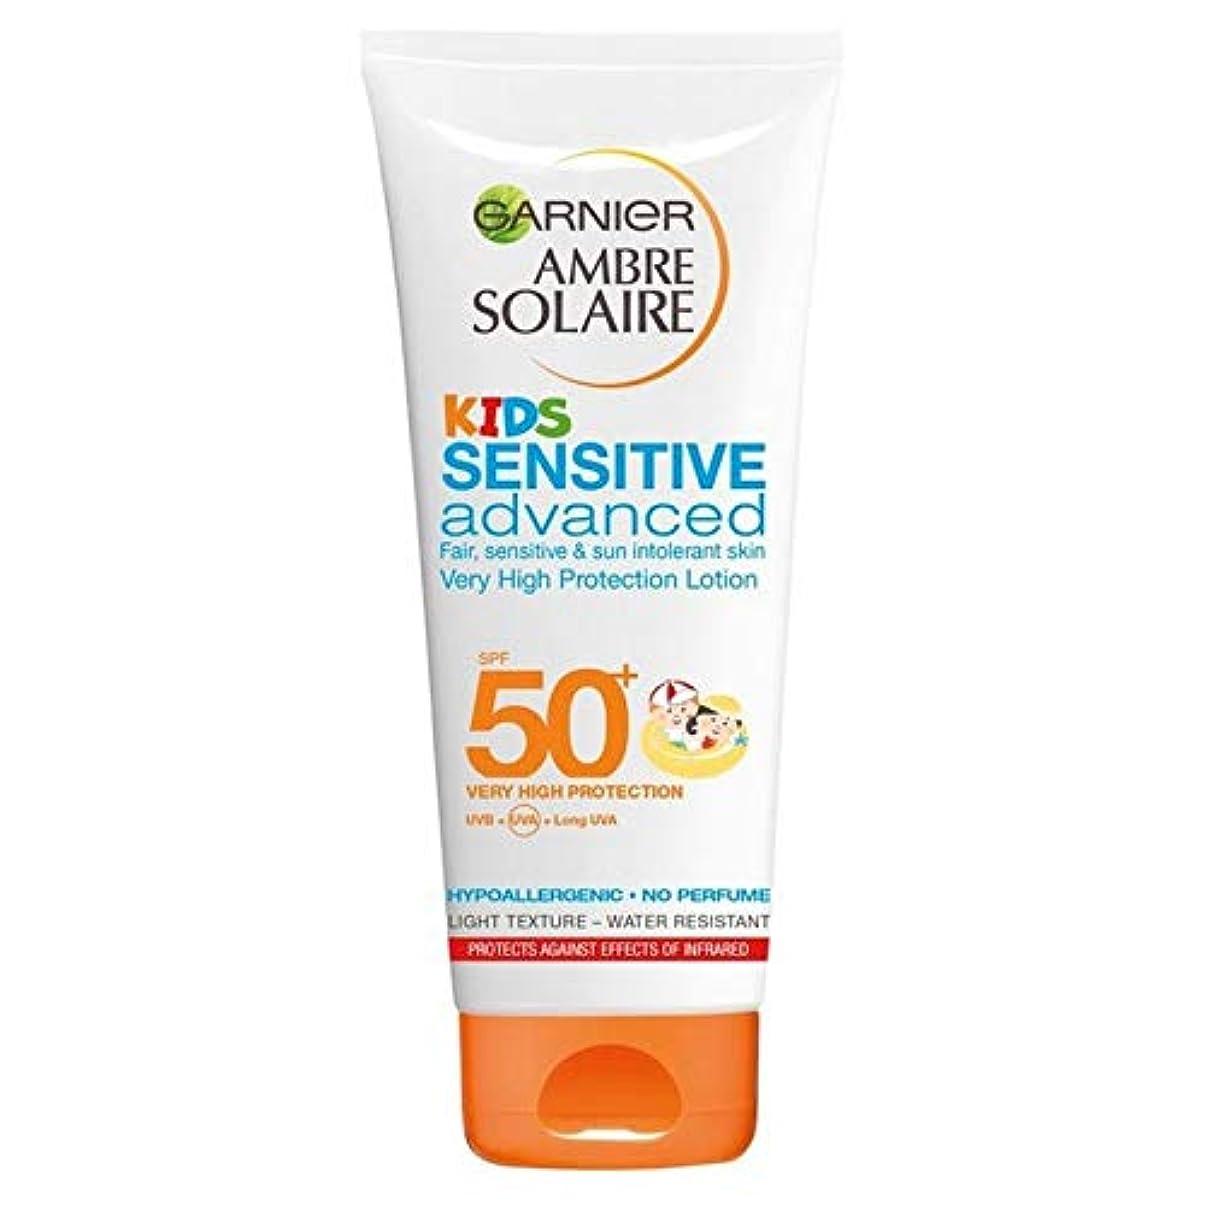 スリラー人柄鰐[Garnier ] アンブレSolaire子供敏感日クリームローションSpf50 + 200ミリリットル - Ambre Solaire Kids Sensitive Sun Cream Lotion SPF50+ 200ml...